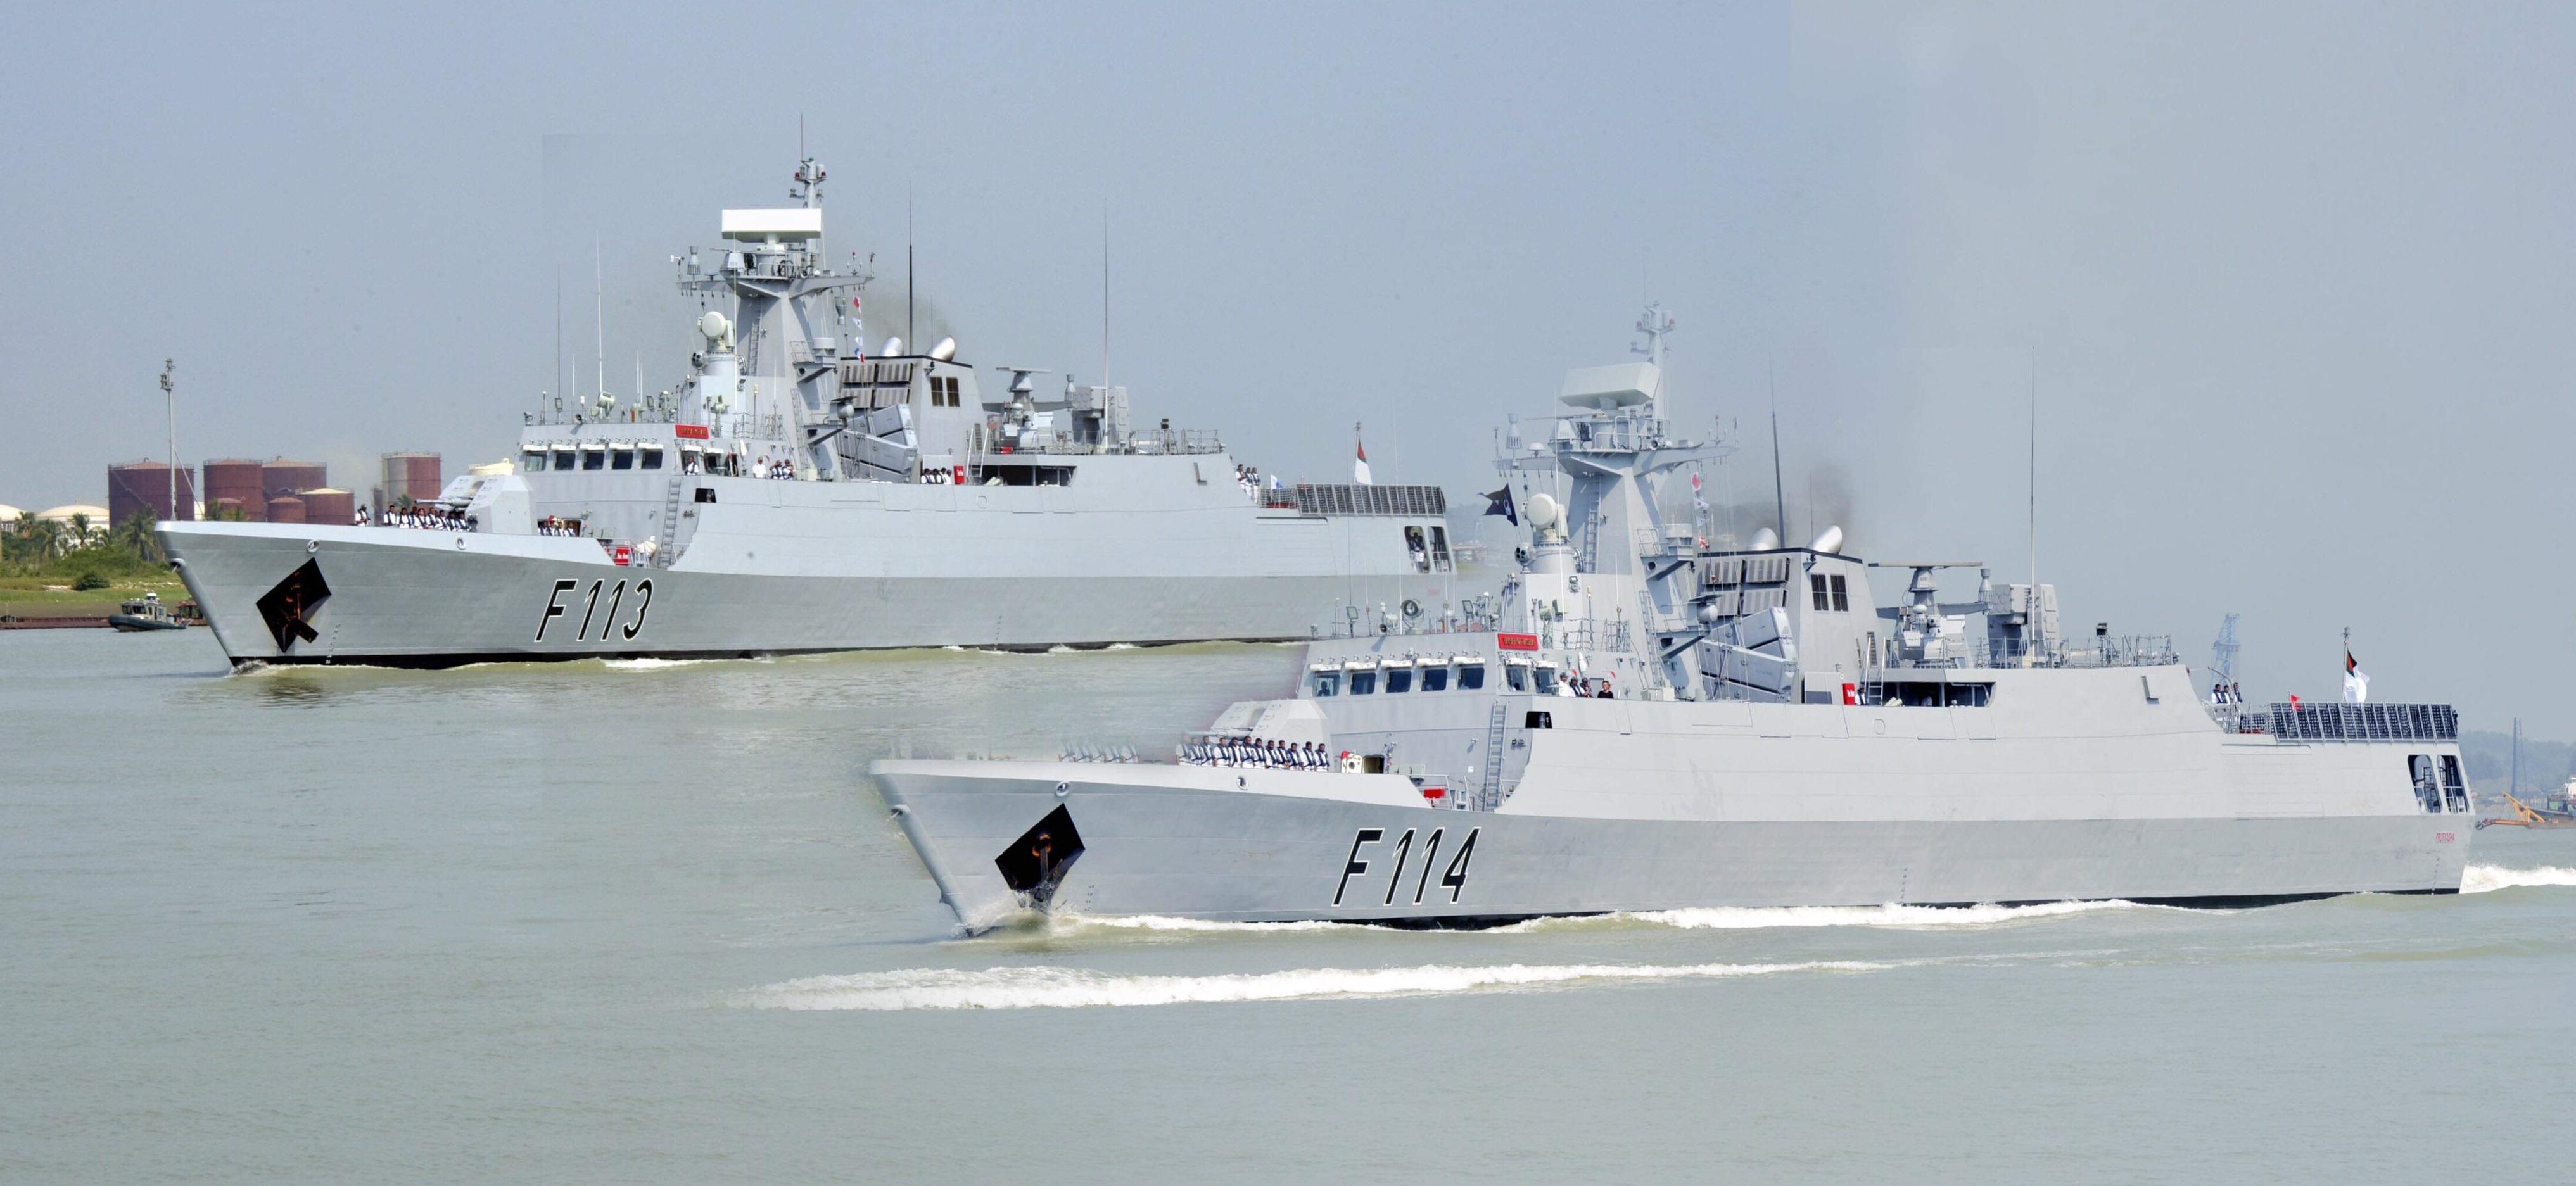 নৌবাহিনীতে দুটি যুদ্ধজাহাজ 'সংগ্রাম' ও 'প্রত্যাশা'